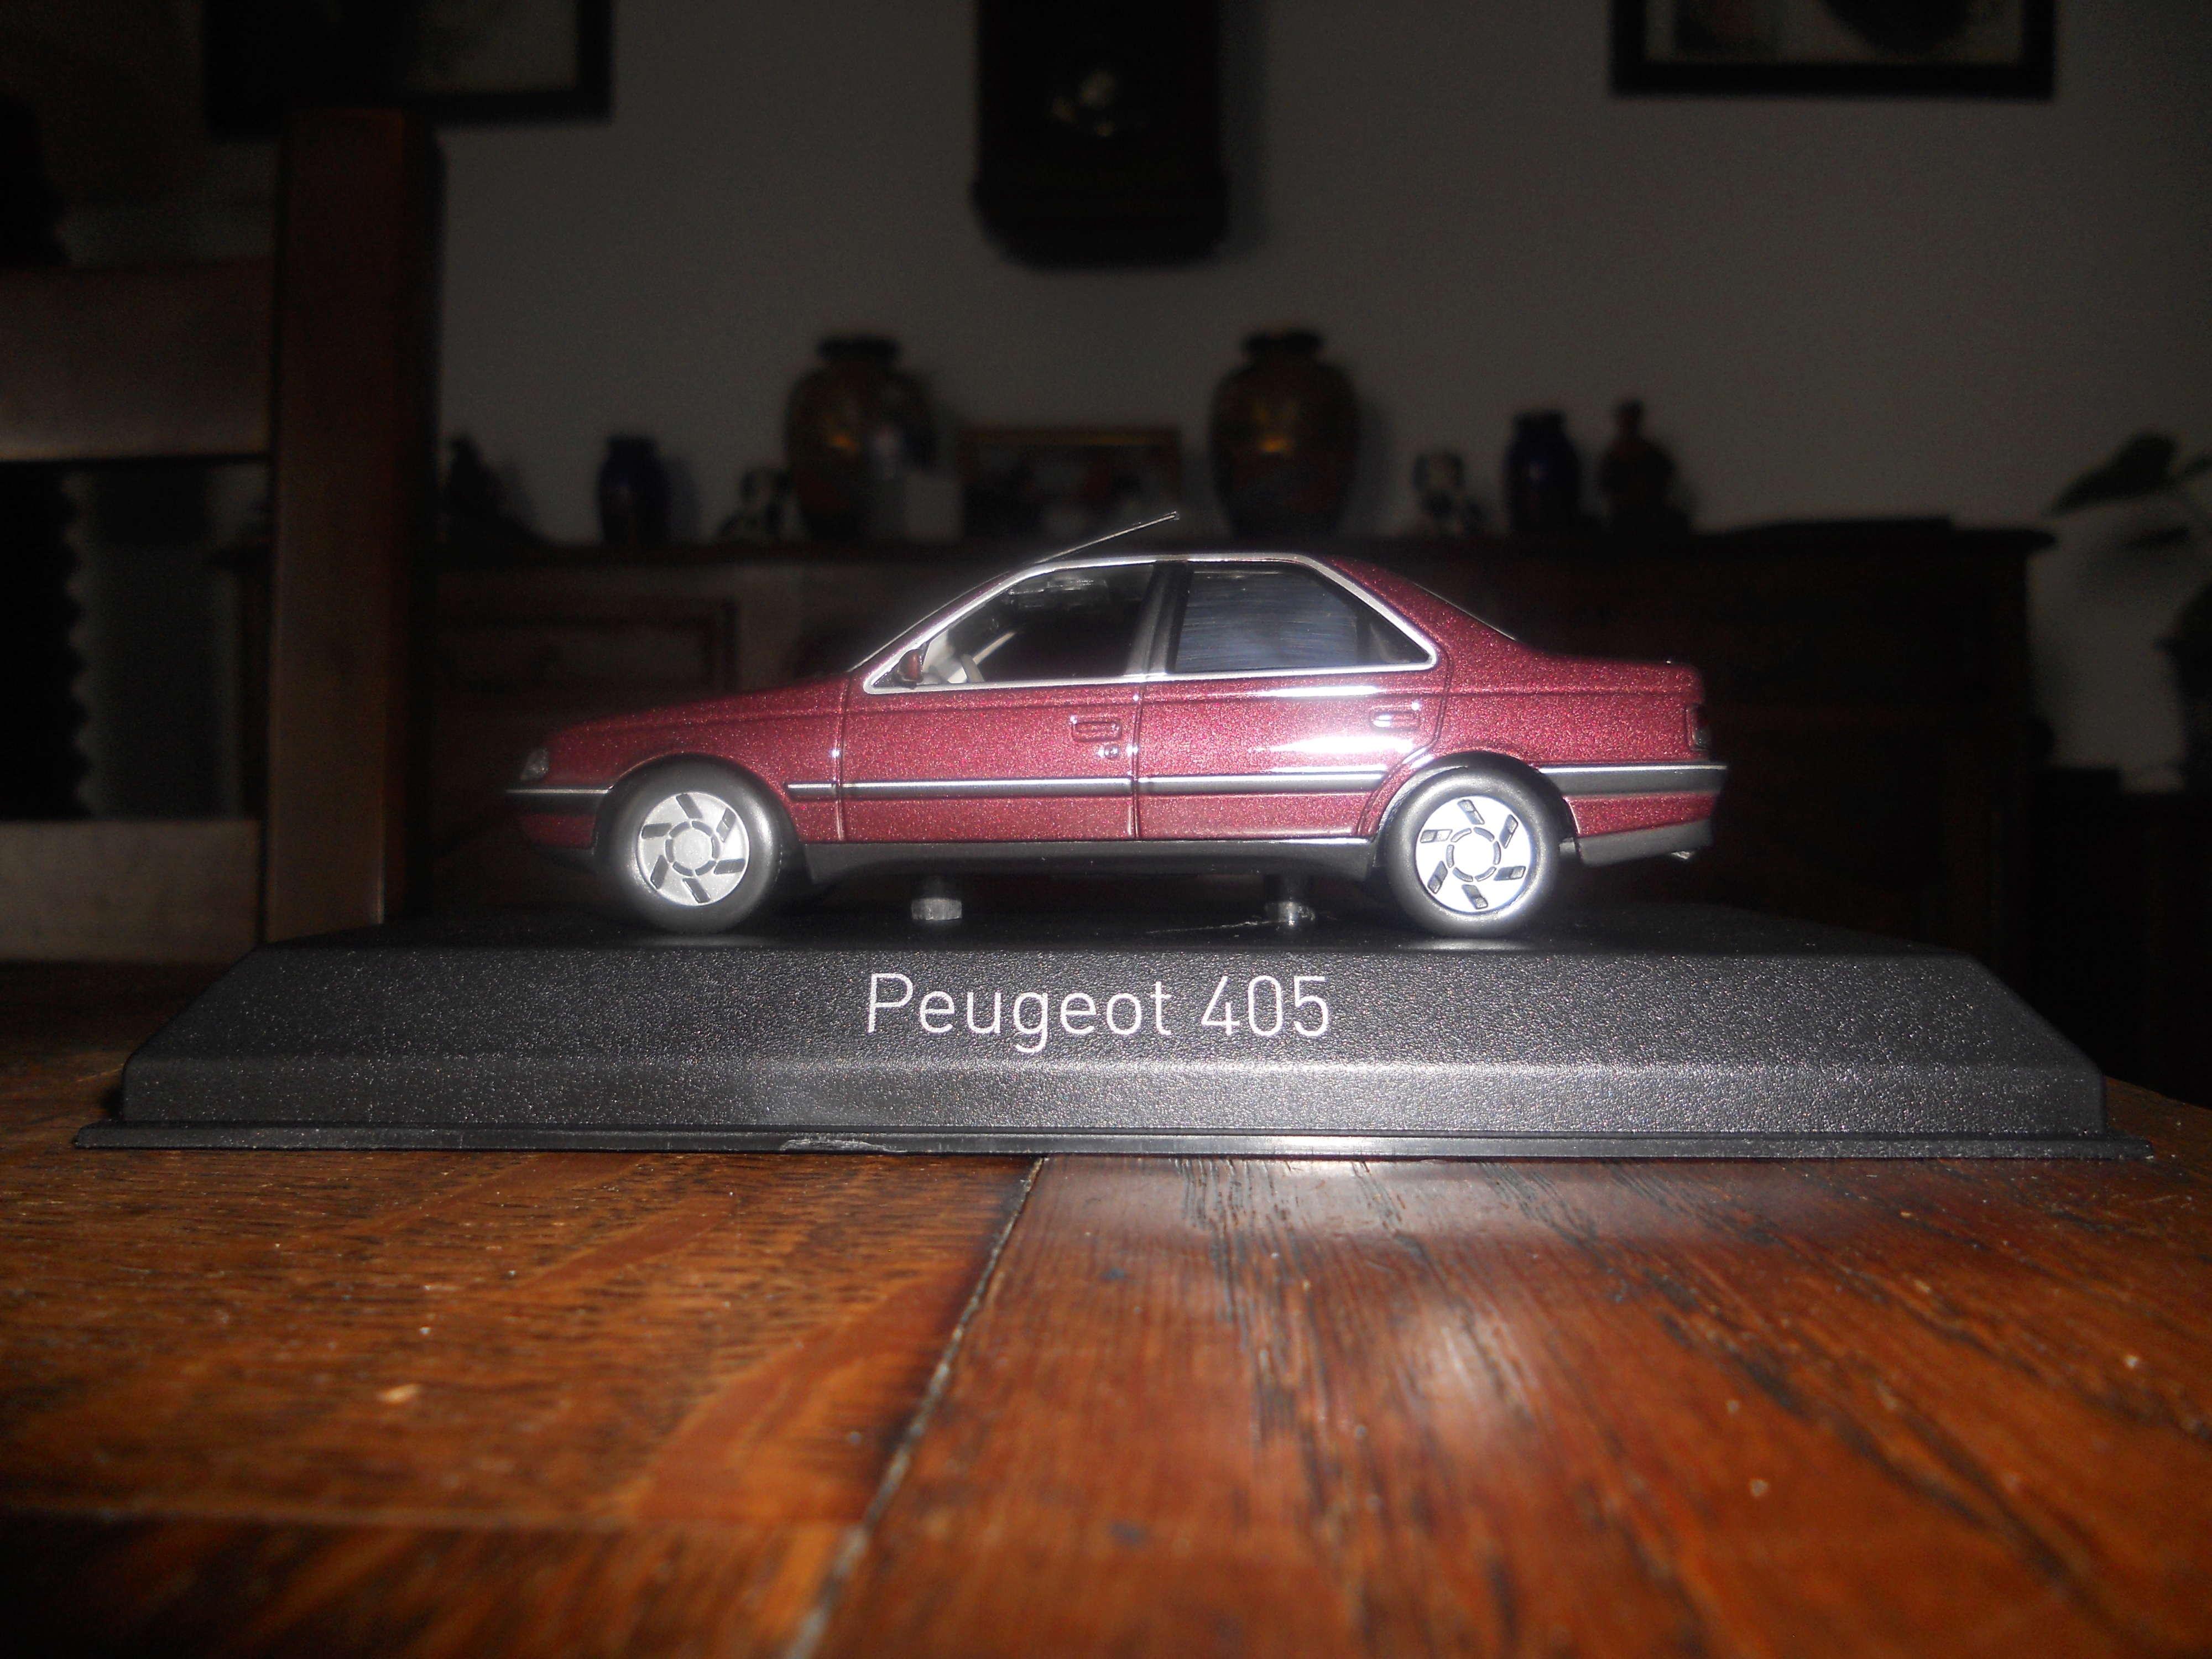 David + 405 gl de 1990 Dscn2929